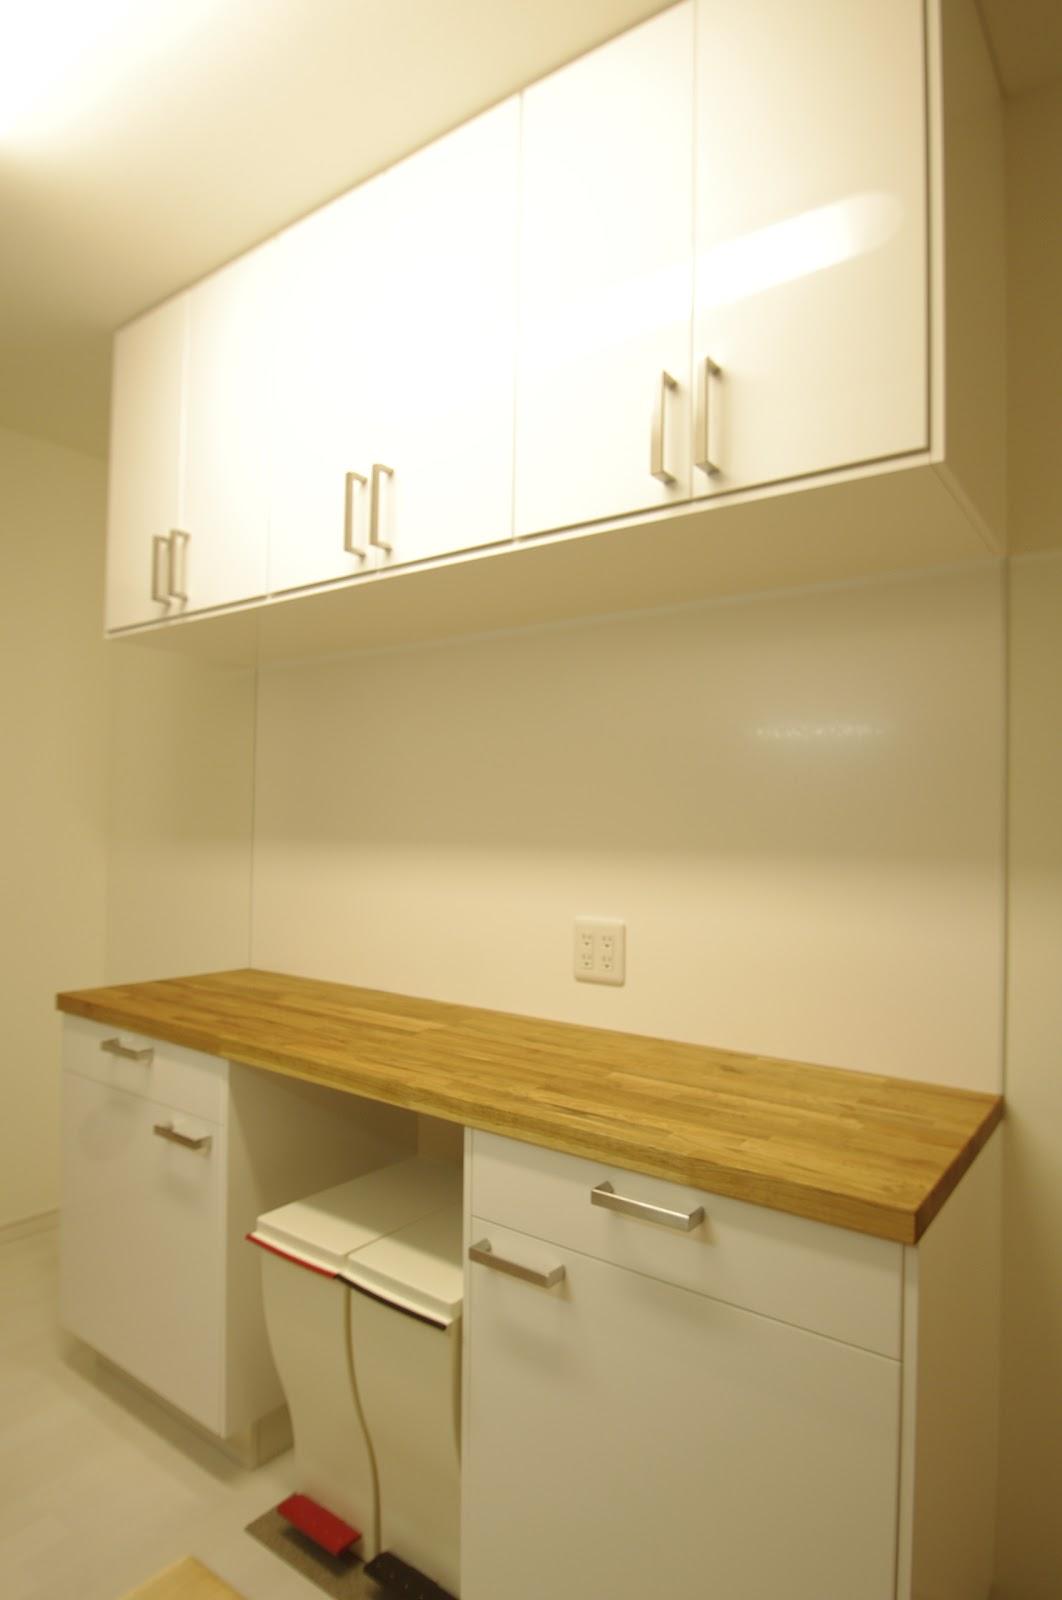 IKEAで作るキッチン食器棚